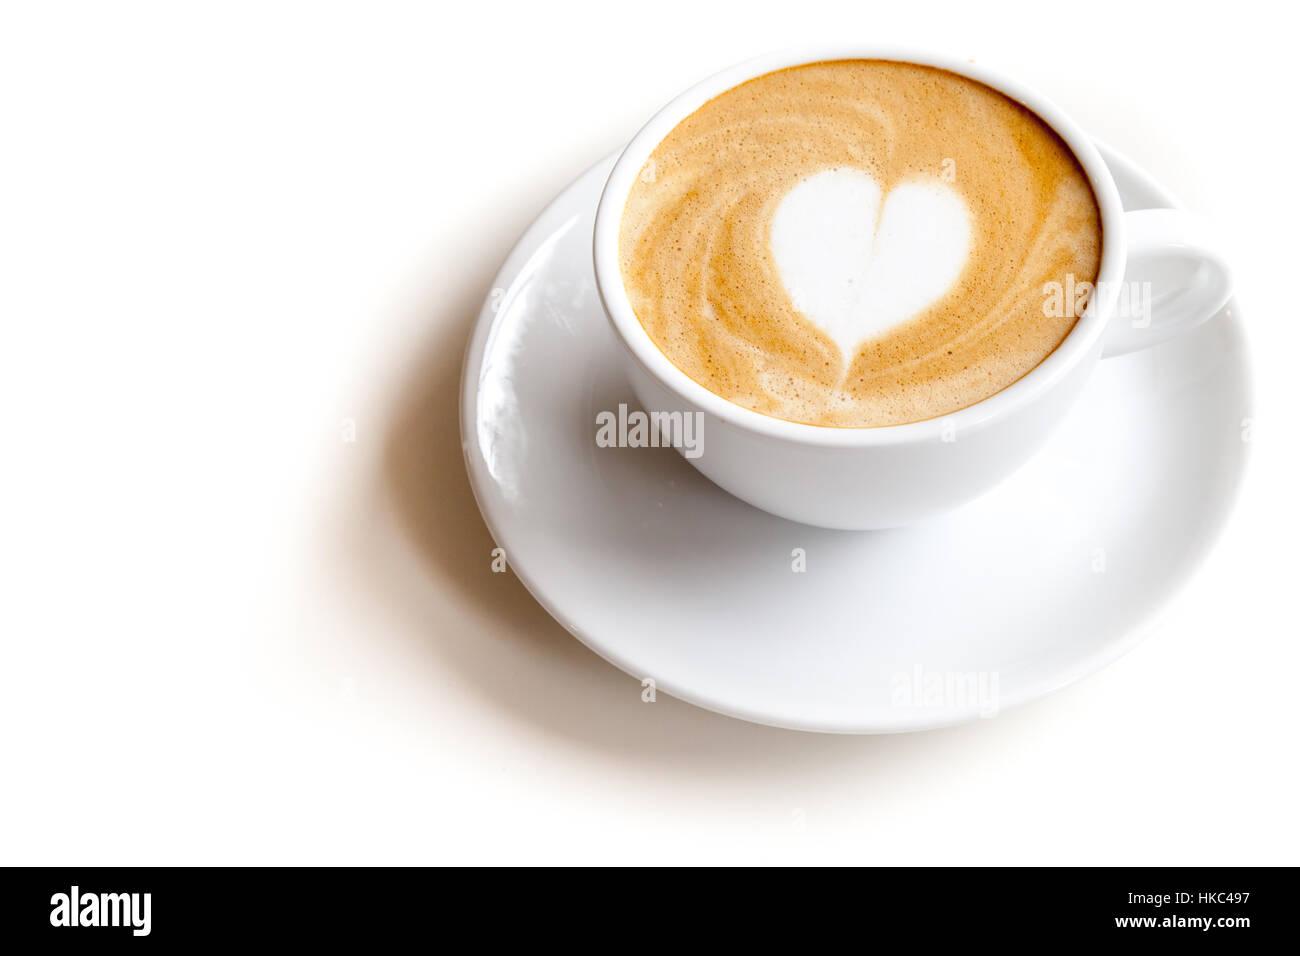 Tazza da caffè di latte art forma di cuore su sfondo bianco isolato Immagini Stock